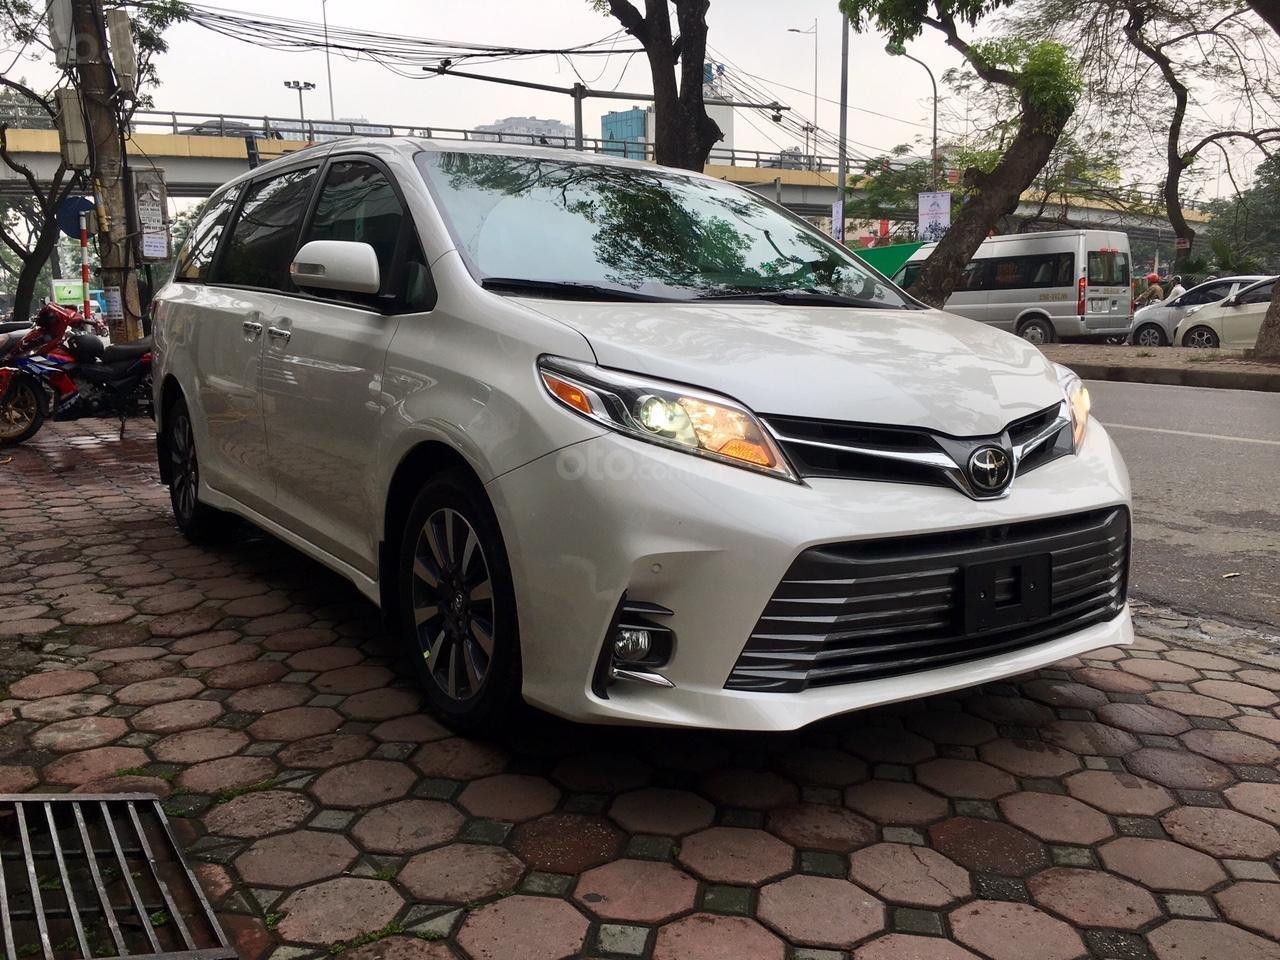 Bán Toyota Sienna Limited 2020 bản 1 cầu, giá tốt, nhập Mỹ giao ngay toàn quốc- LH 0945.39.2468 Ms Hương (3)